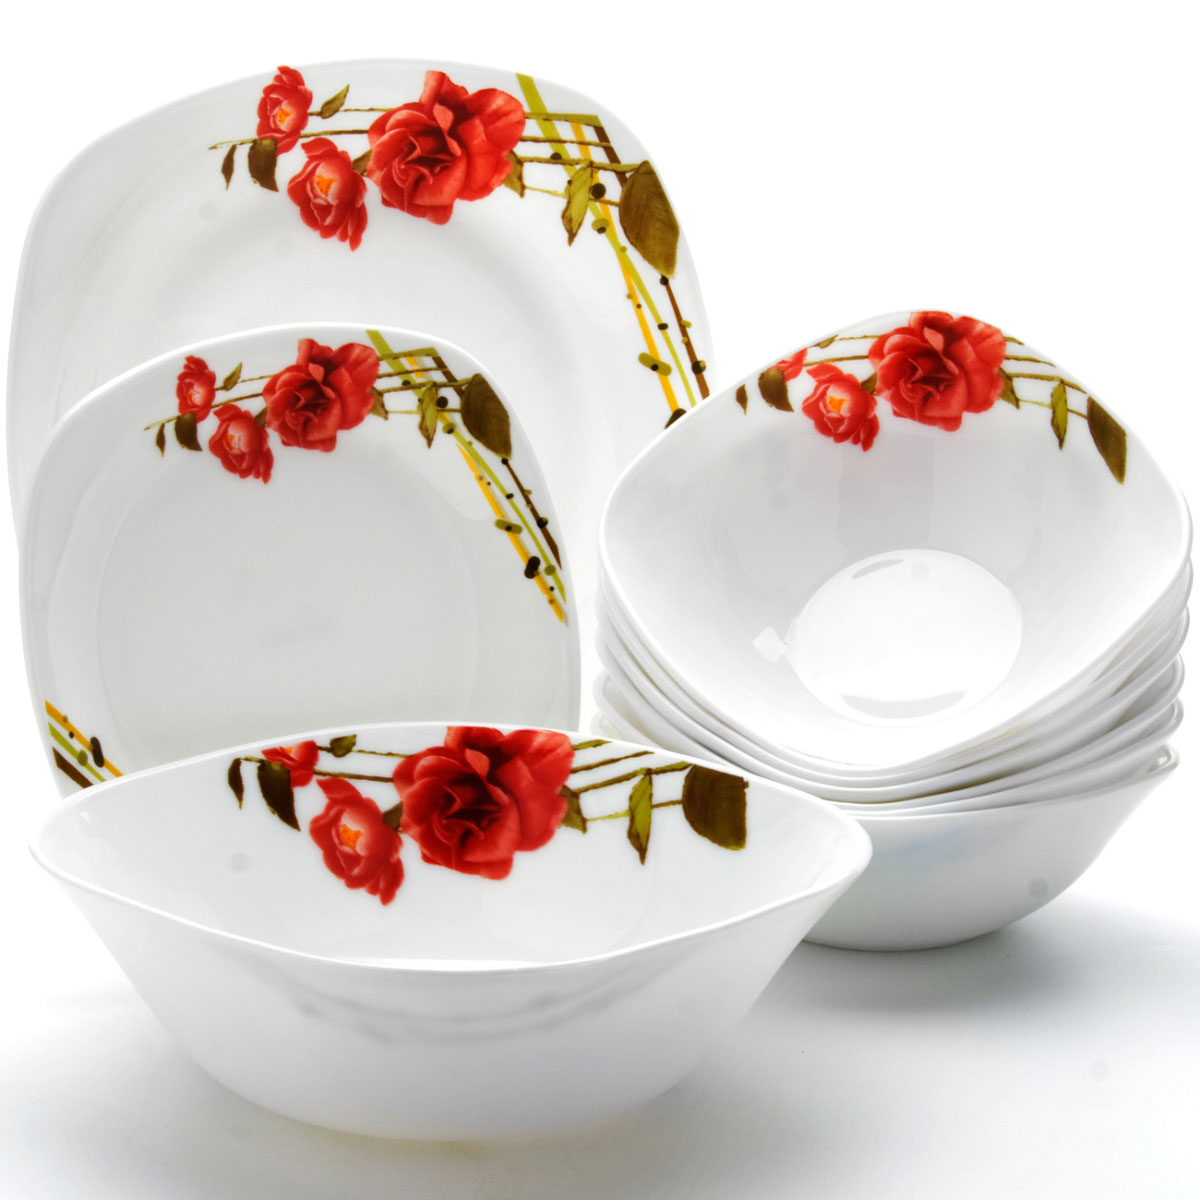 Сервиз столовый Mayer & Boch, 19 предметов. 2410024100Сервиз столовый Mayer & Boch состоит из 6 обеденных тарелок, 6 десертных тарелок, 6 суповых тарелок и 1 салатника. Предметы набора изготовлены из стекла с гладким качественным покрытием и украшены изысканным изображением красных роз. Набор создаст отличное настроение во время обеда, будет уместен на любой кухне и понравится каждой хозяйке. Красочное оформление предметов набора придает ему оригинальность и торжественность. Практичный и современный дизайн делает набор довольно простым и удобным в эксплуатации.Предметы набора можно мыть в посудомоечной машине, использовать в микроволновой печи и холодильнике.Размер суповой тарелки: 17,8 х 17,8 см.Объем суповой тарелки: 650 мл. Размер обеденной тарелки: 26,7 х 26,7 см.Размер десертной тарелки: 19 х 19 см.Размер салатника: 22,9 х 22,9 см.Высота стенок салатника: 7,5 см.Объем салатника: 1,4 л.